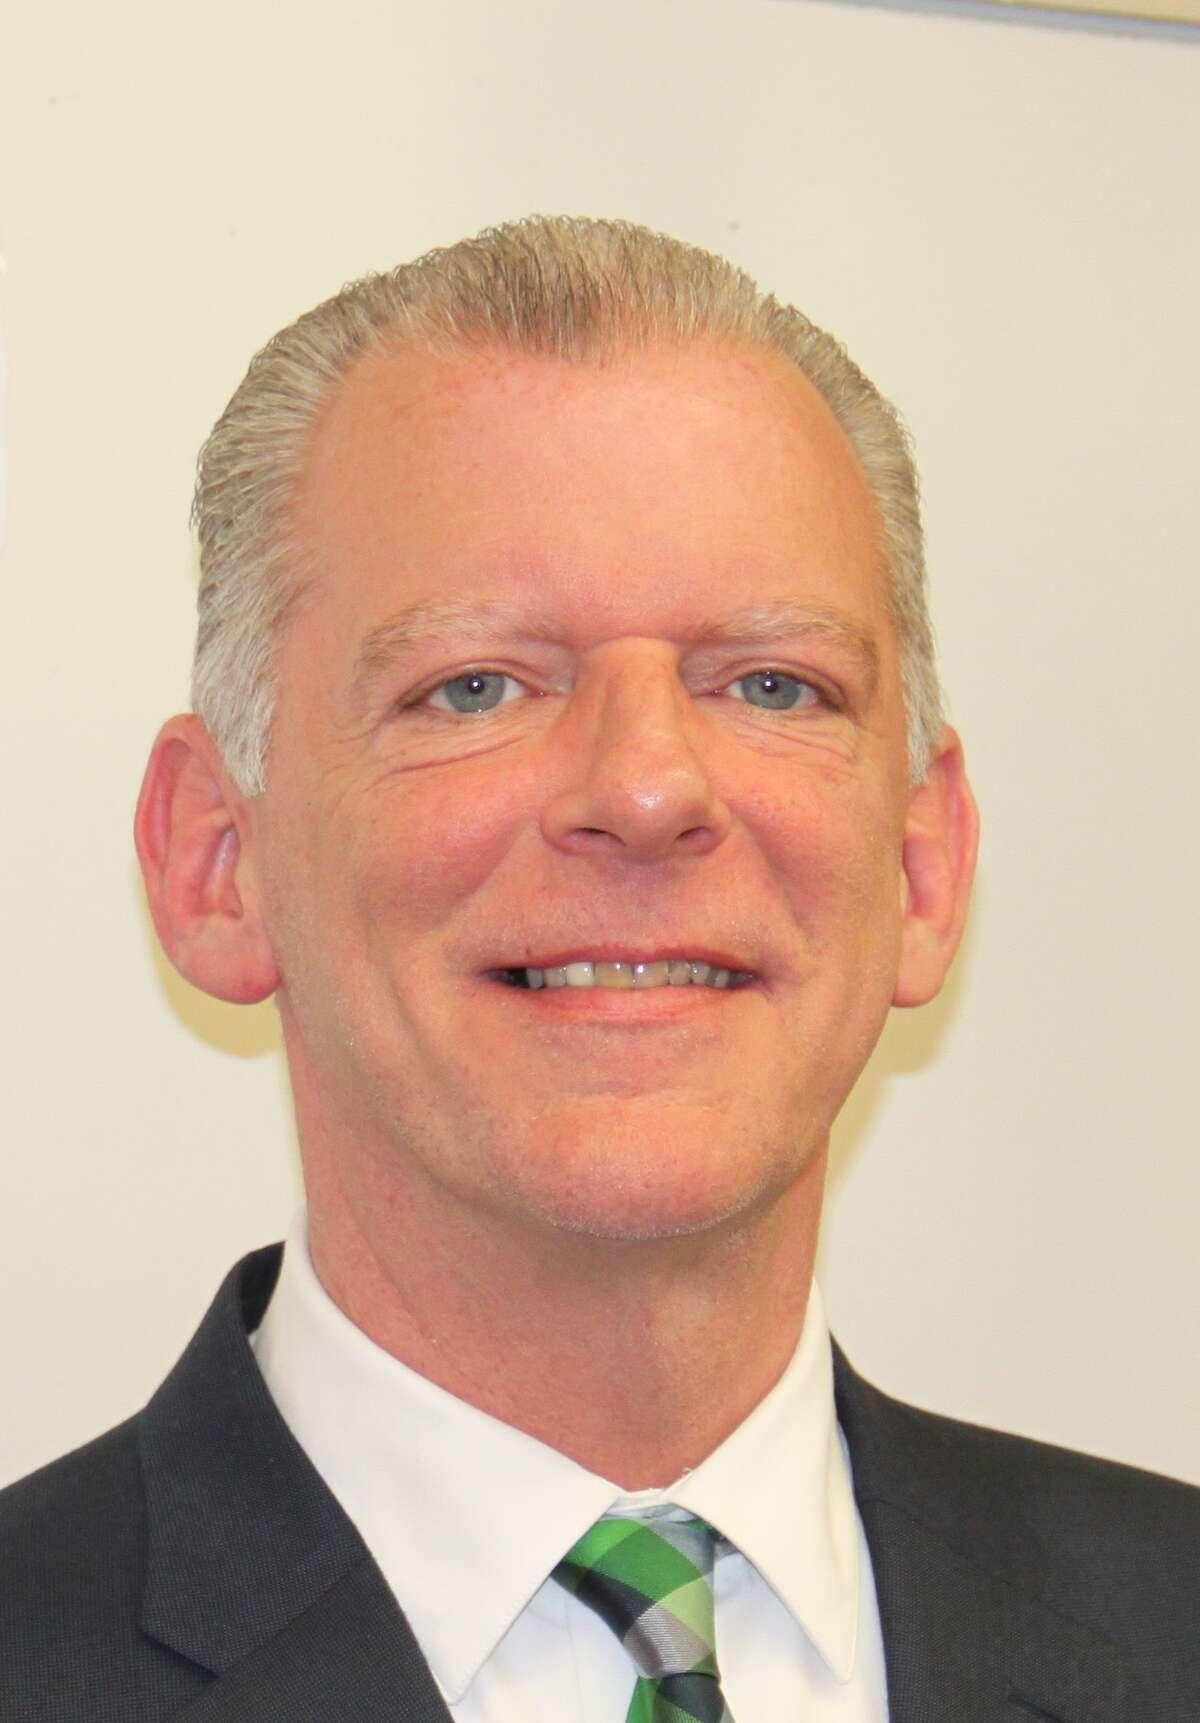 Tom Mayo, Troy school board member